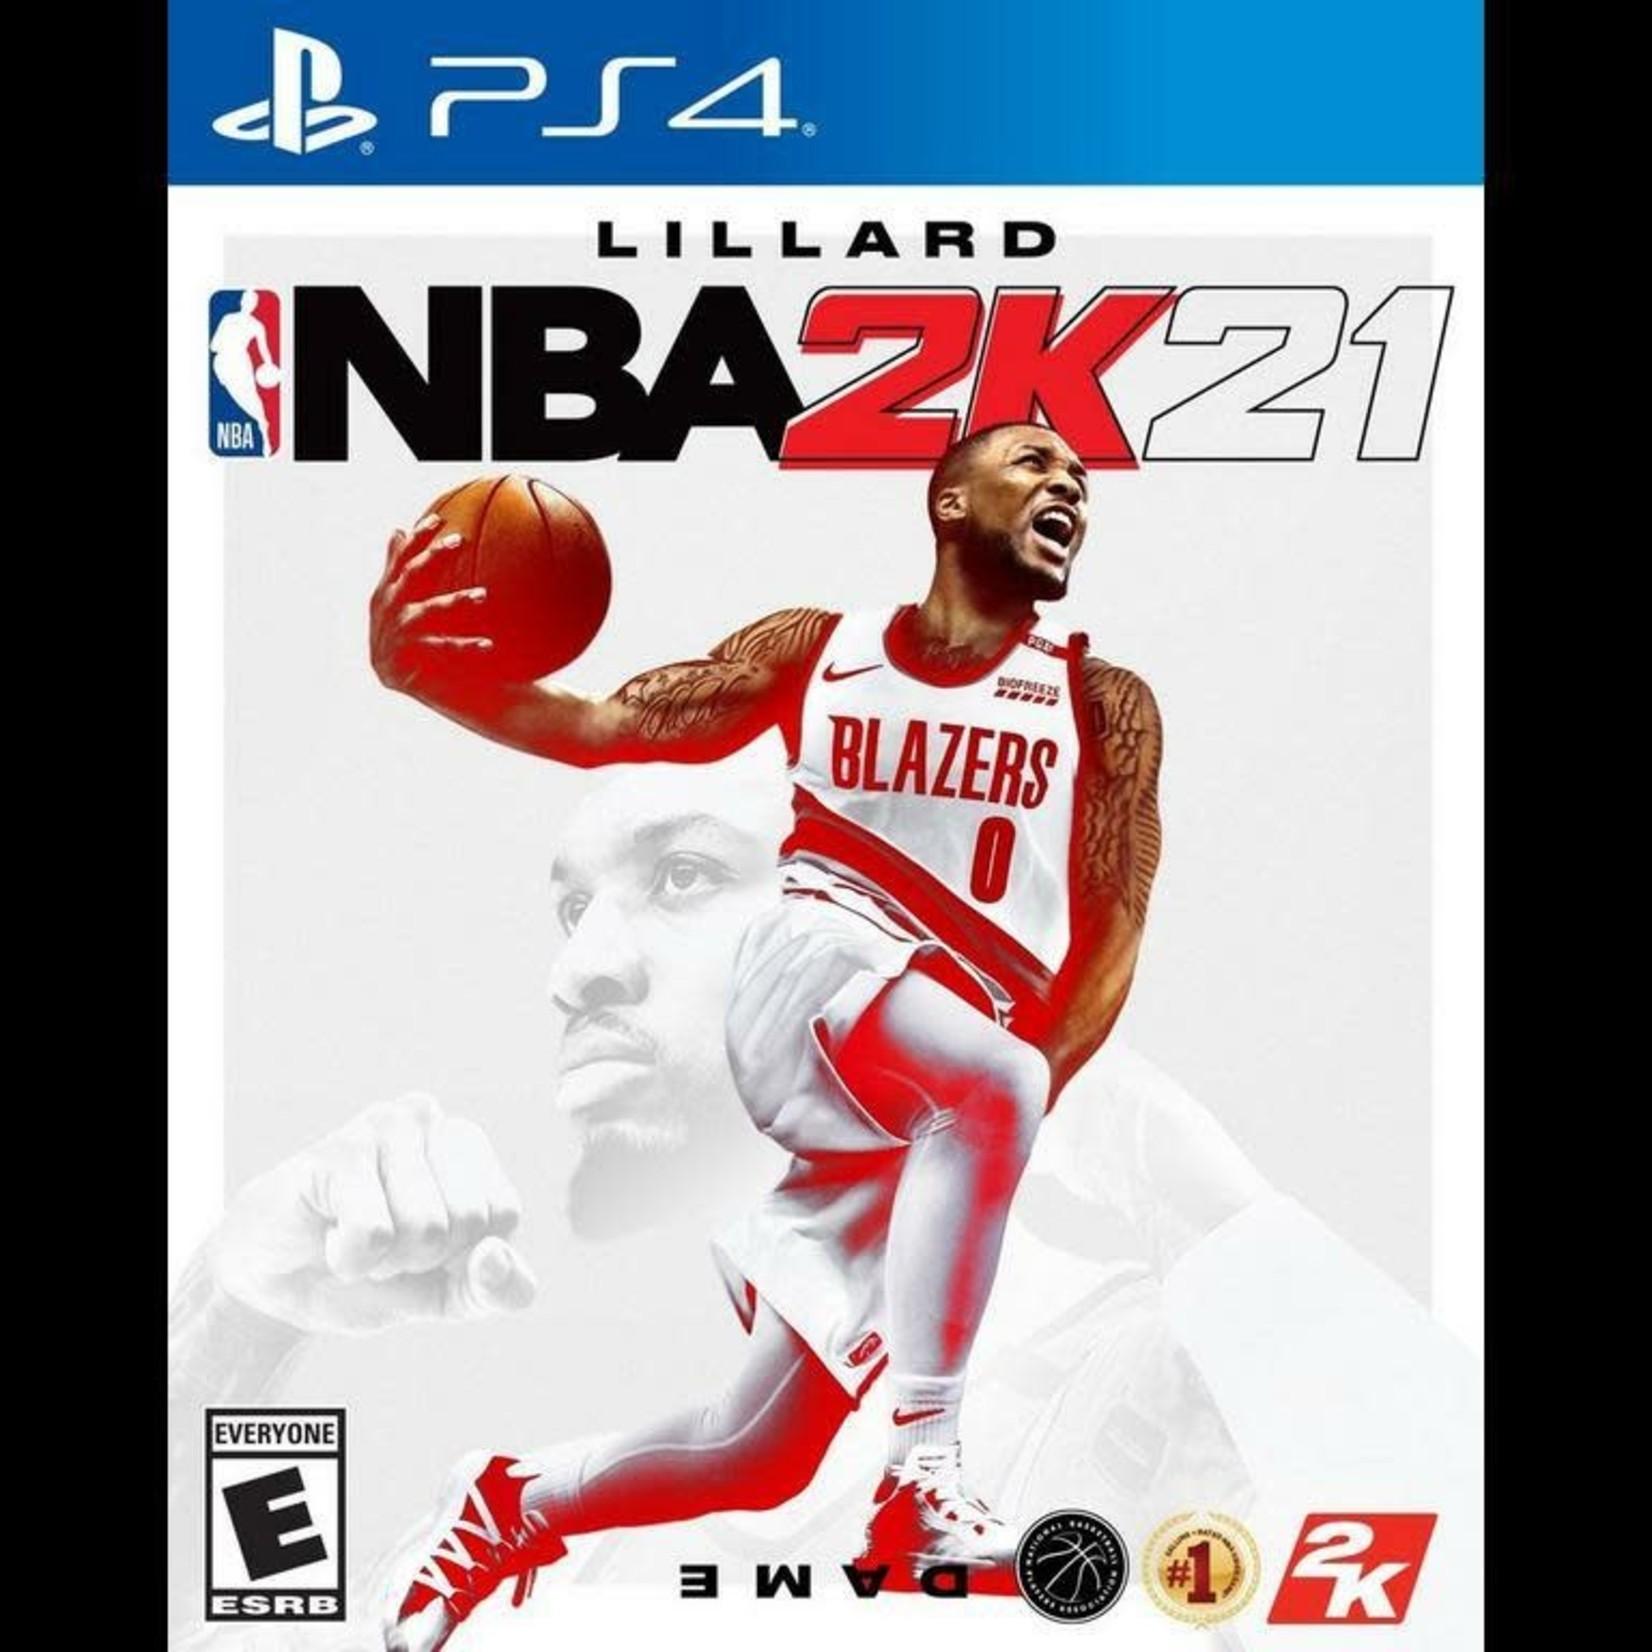 PS4-NBA 2K21